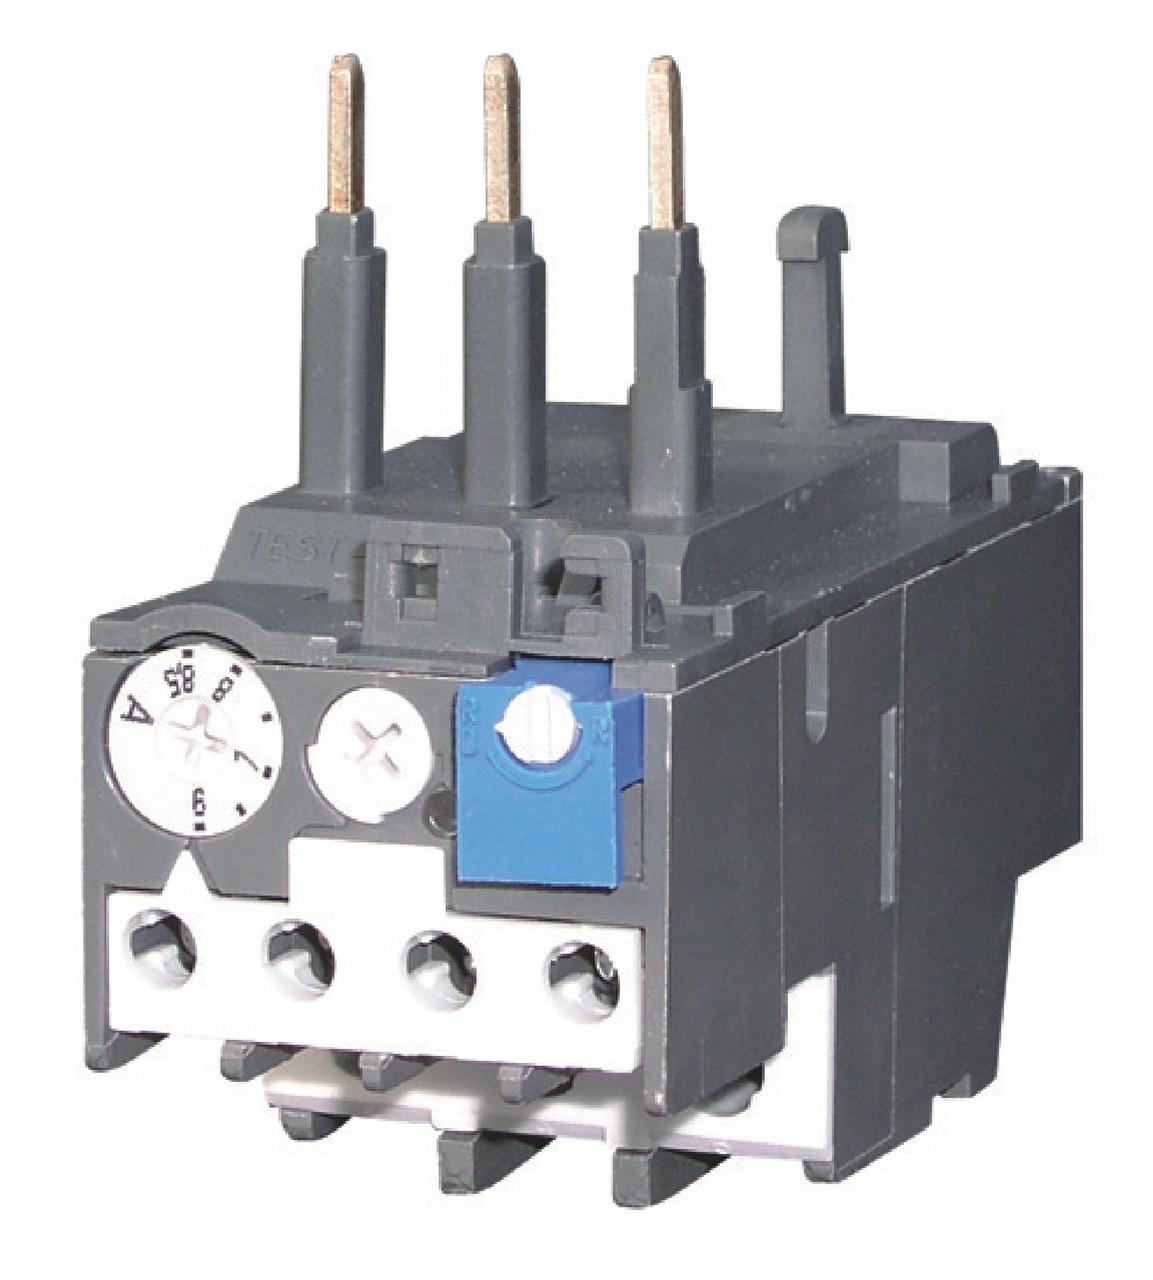 Реле теплове Промфактор РТ 2М-32, 0.1-32А, 1NO+1NC, вбудовані та автономні